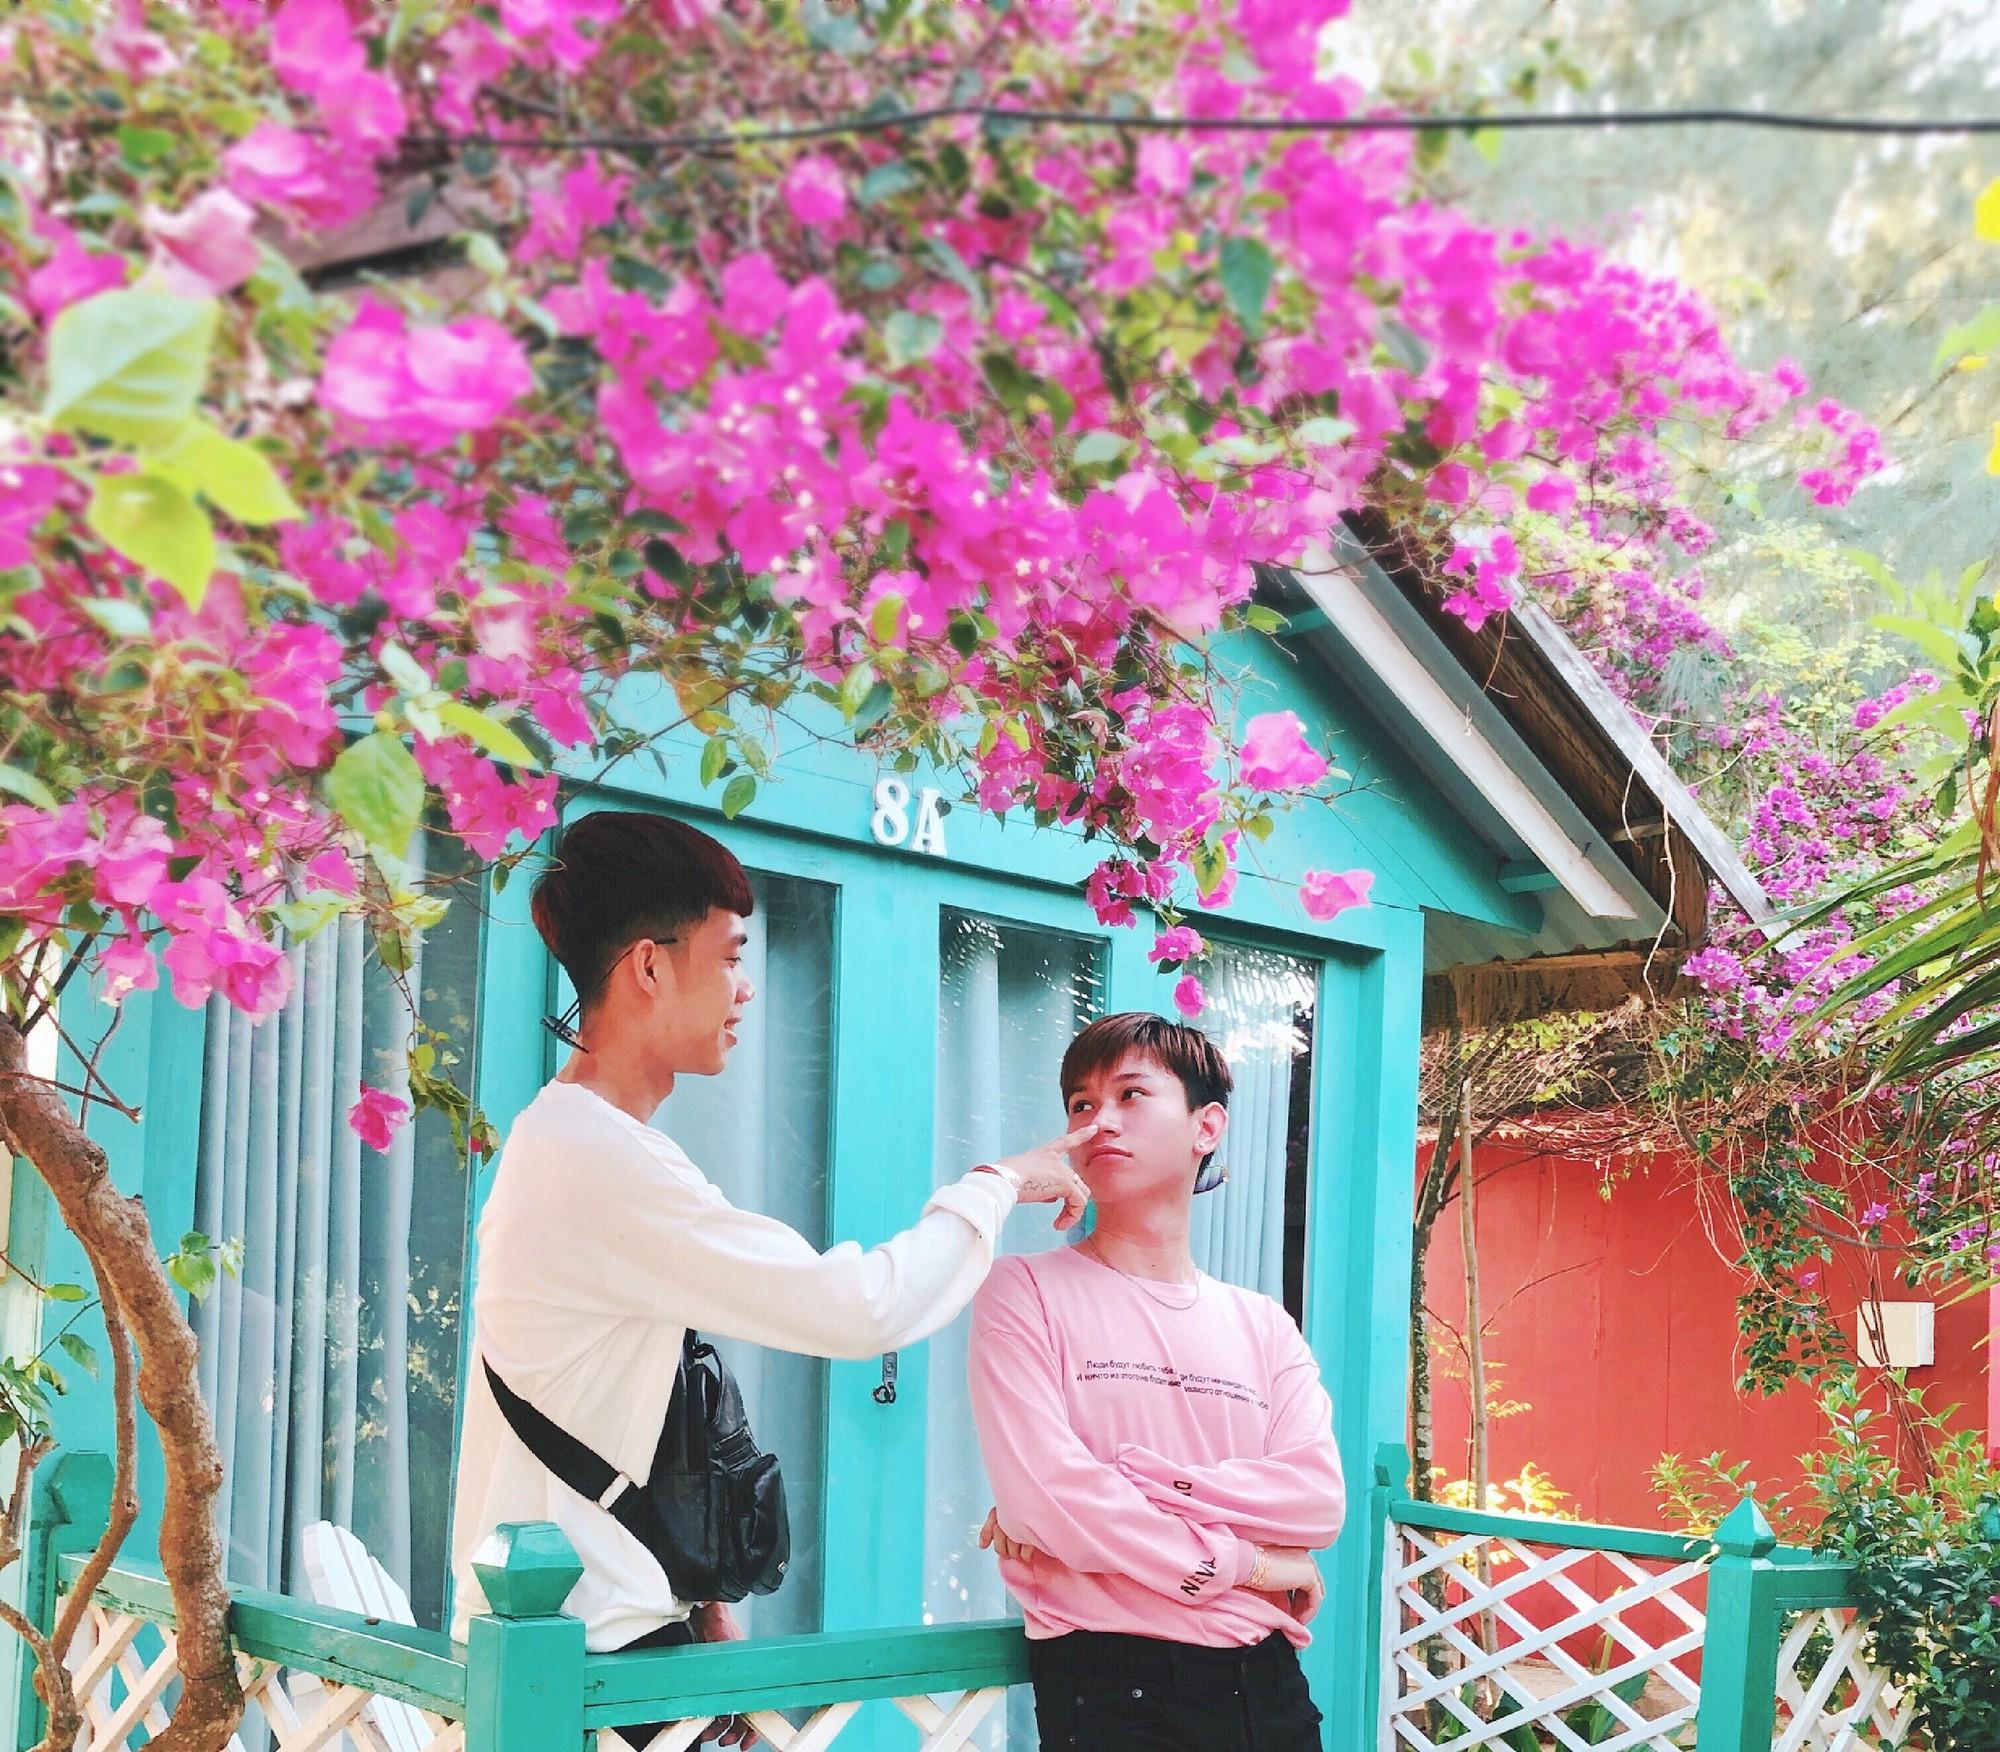 Cặp đôi đồng tính gây sốt với bộ ảnh đẹp như hoa cùng những khoảnh khắc ngọt ngào - Ảnh 2.